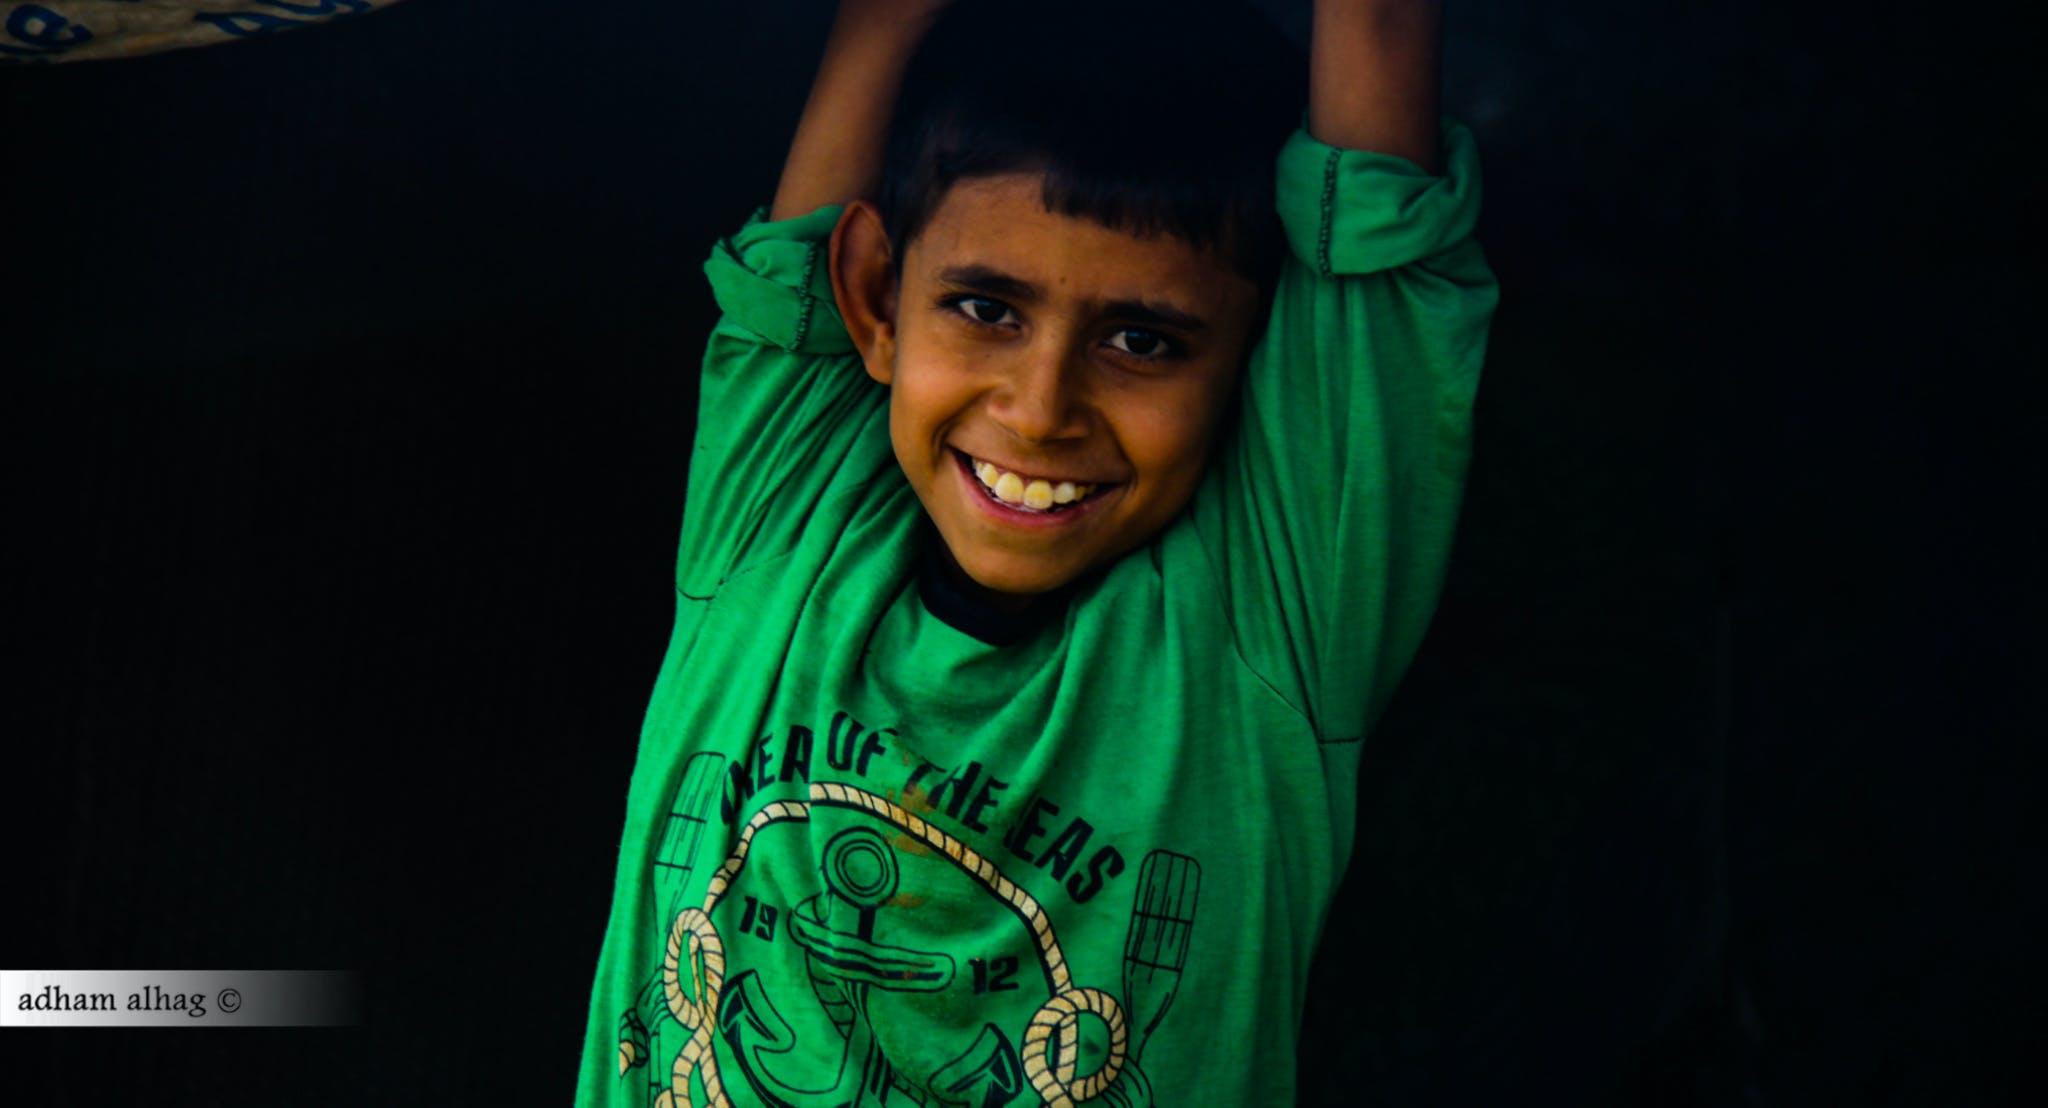 Kostenloses Stock Foto zu adobe photoshop, canon, malediven foto asad, syrien